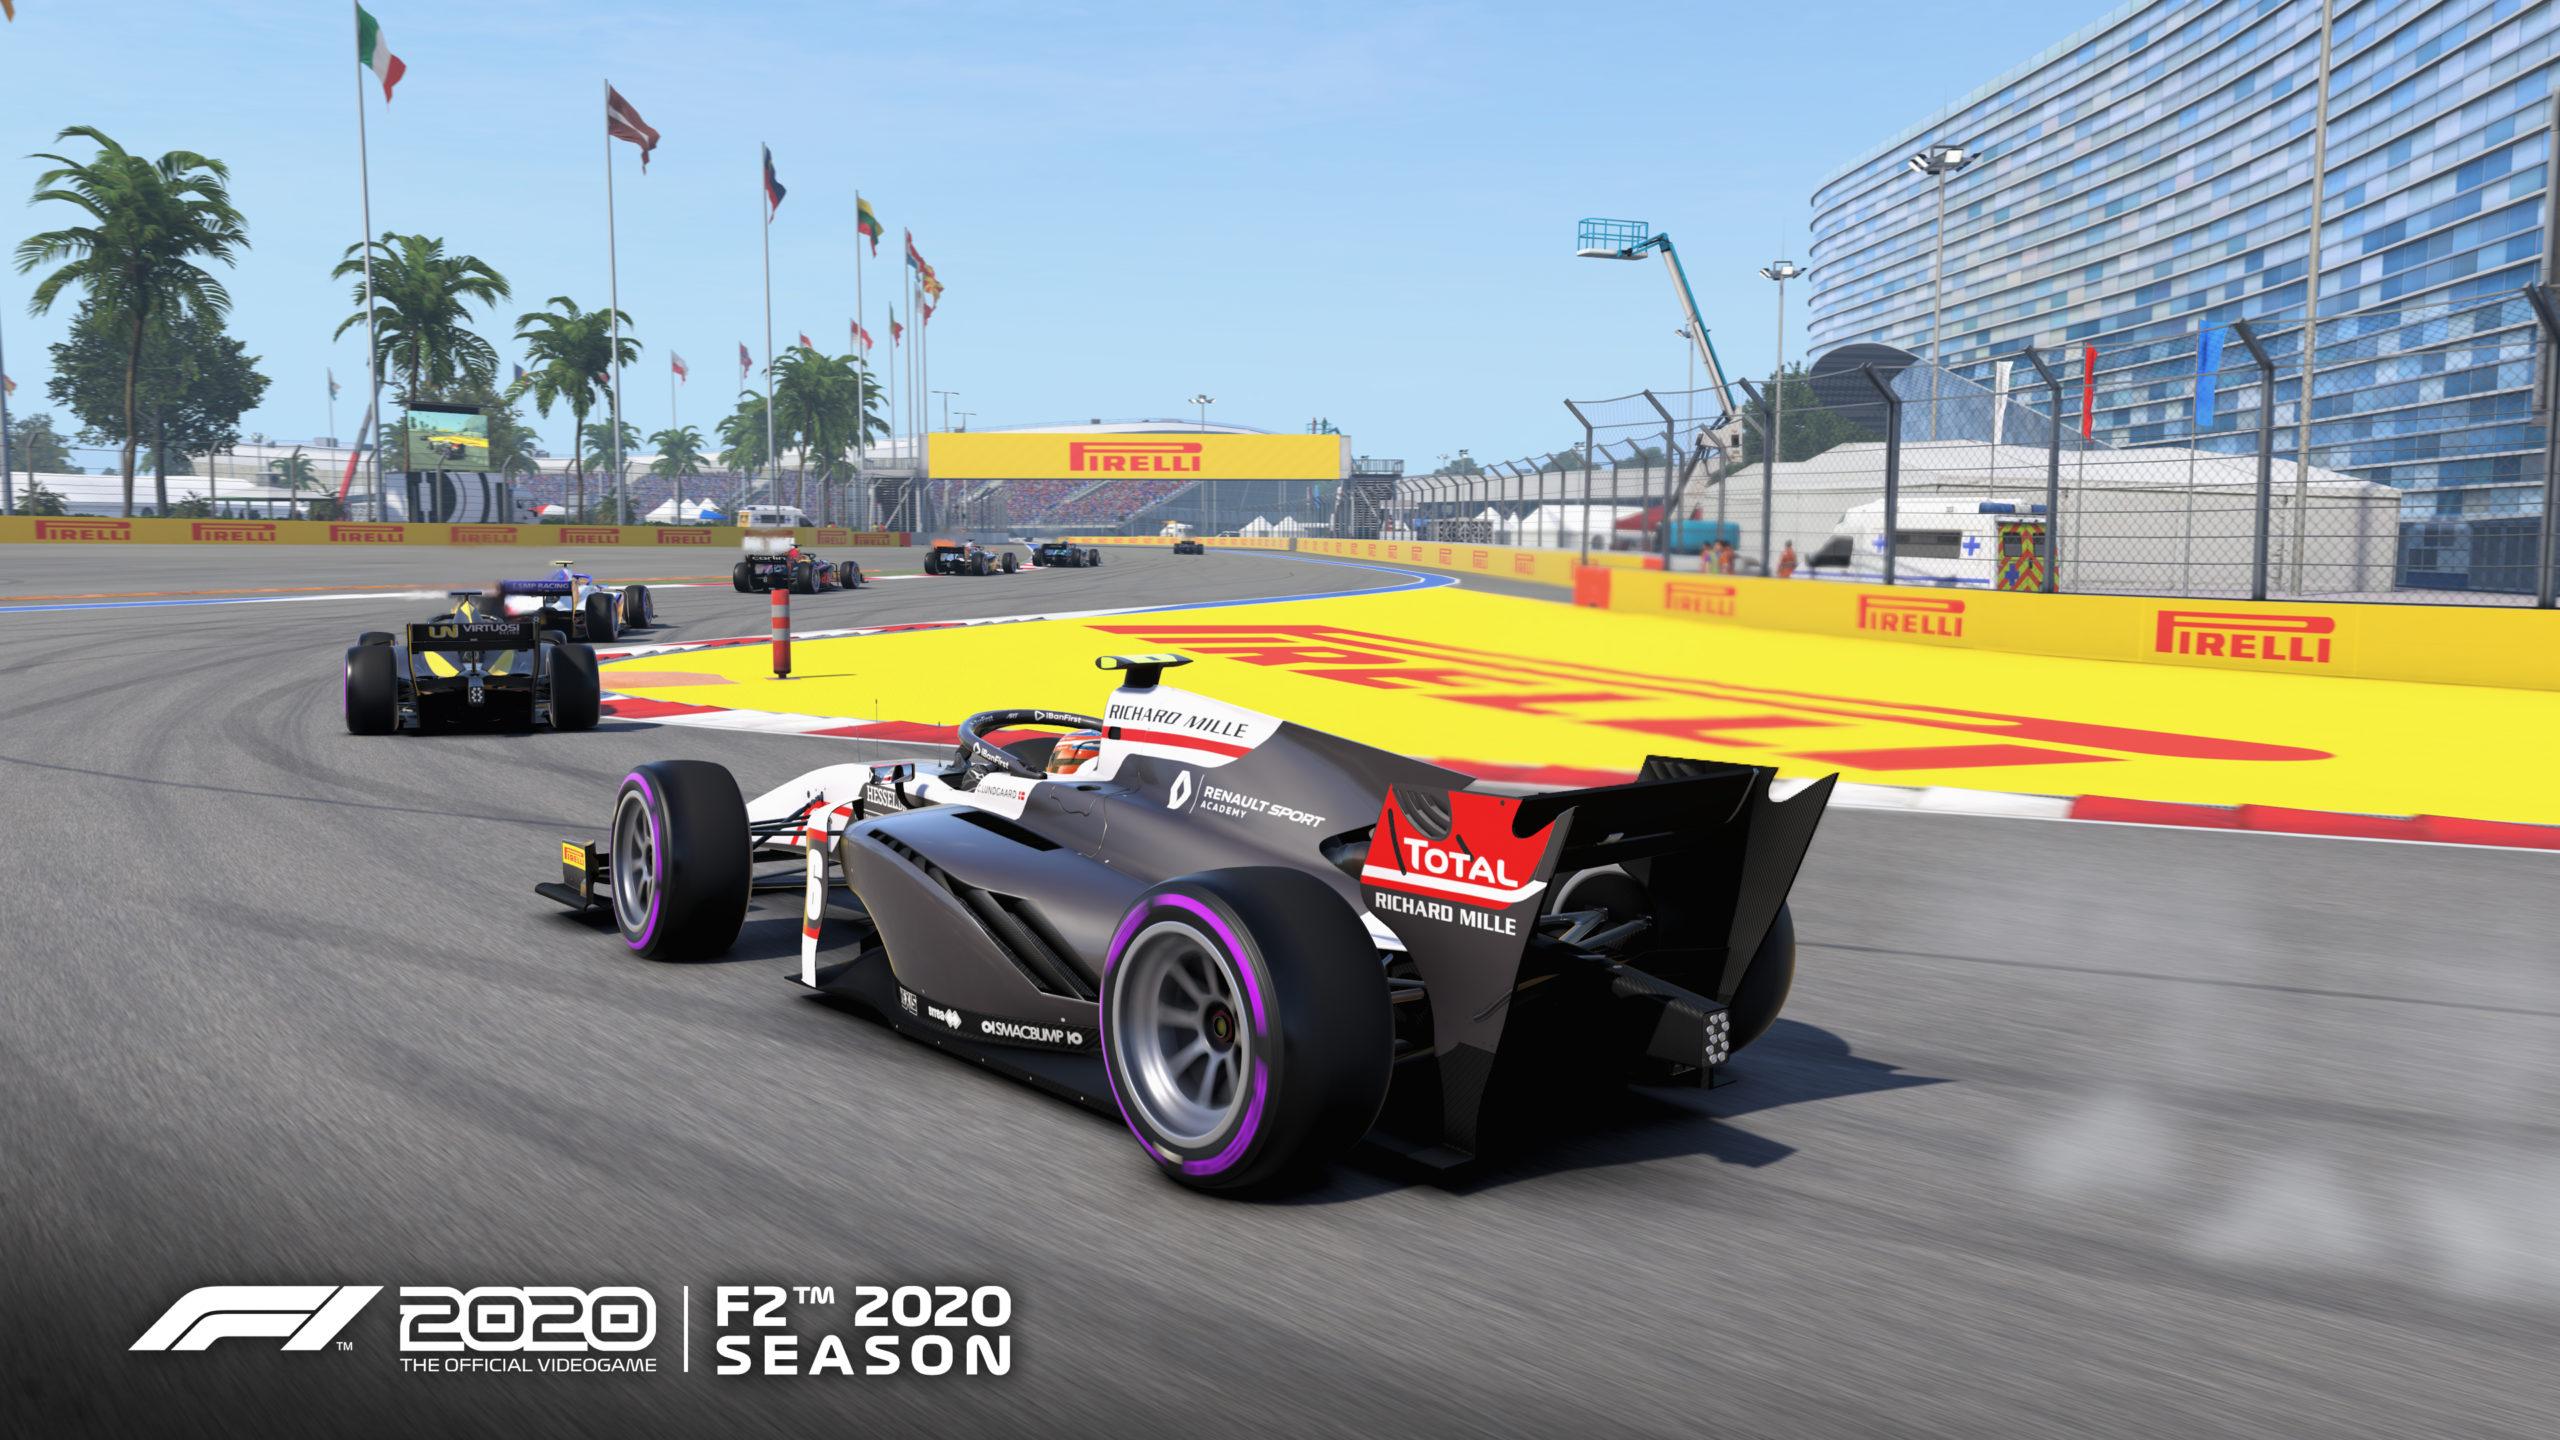 Screenshot von Spiel F1202 zeigt eine Verfolgung mehrere Rennwägen der neu hinzugefügten F2-Season, die auf den Betrachter zufahren